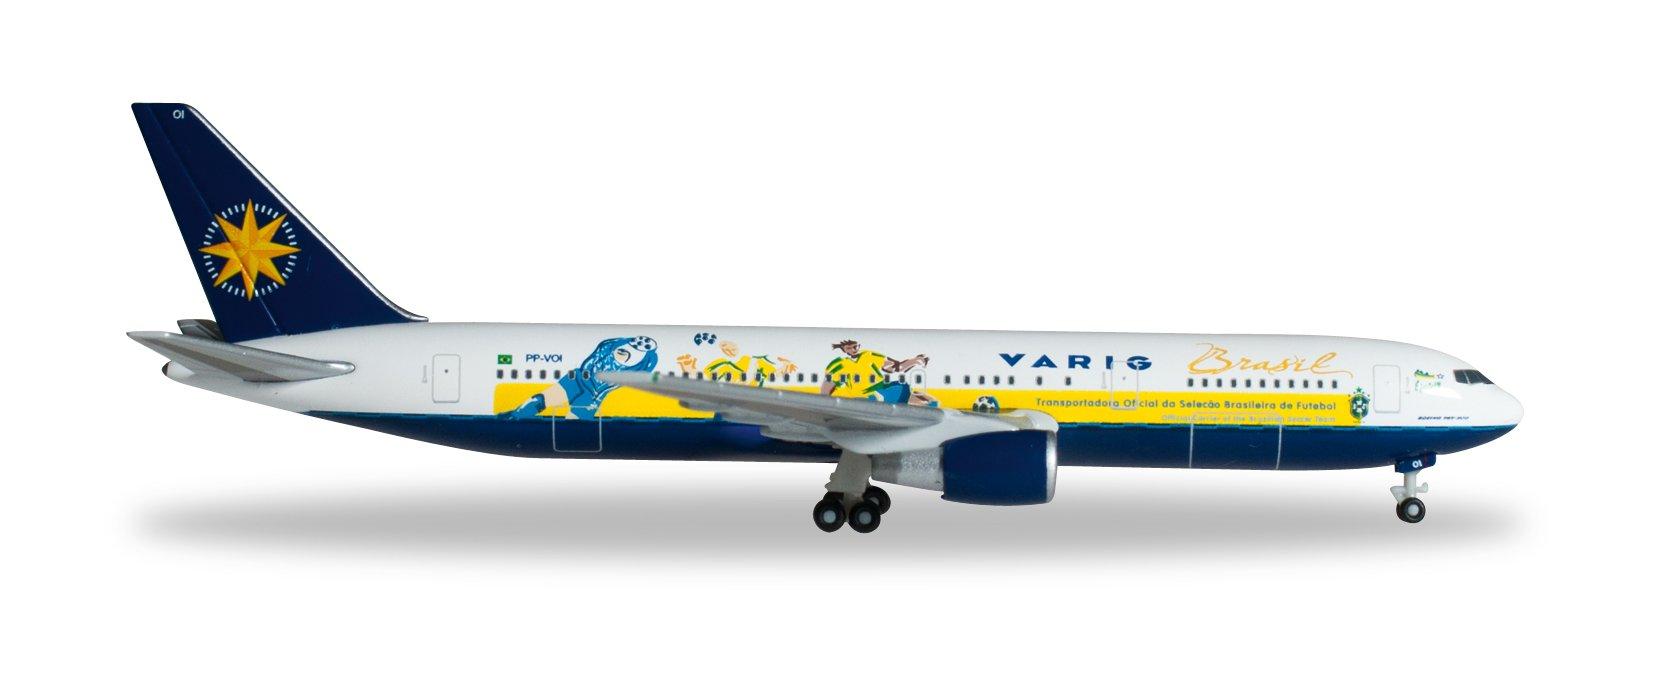 HERPA Varig Boeing 767-300 ''World Cup